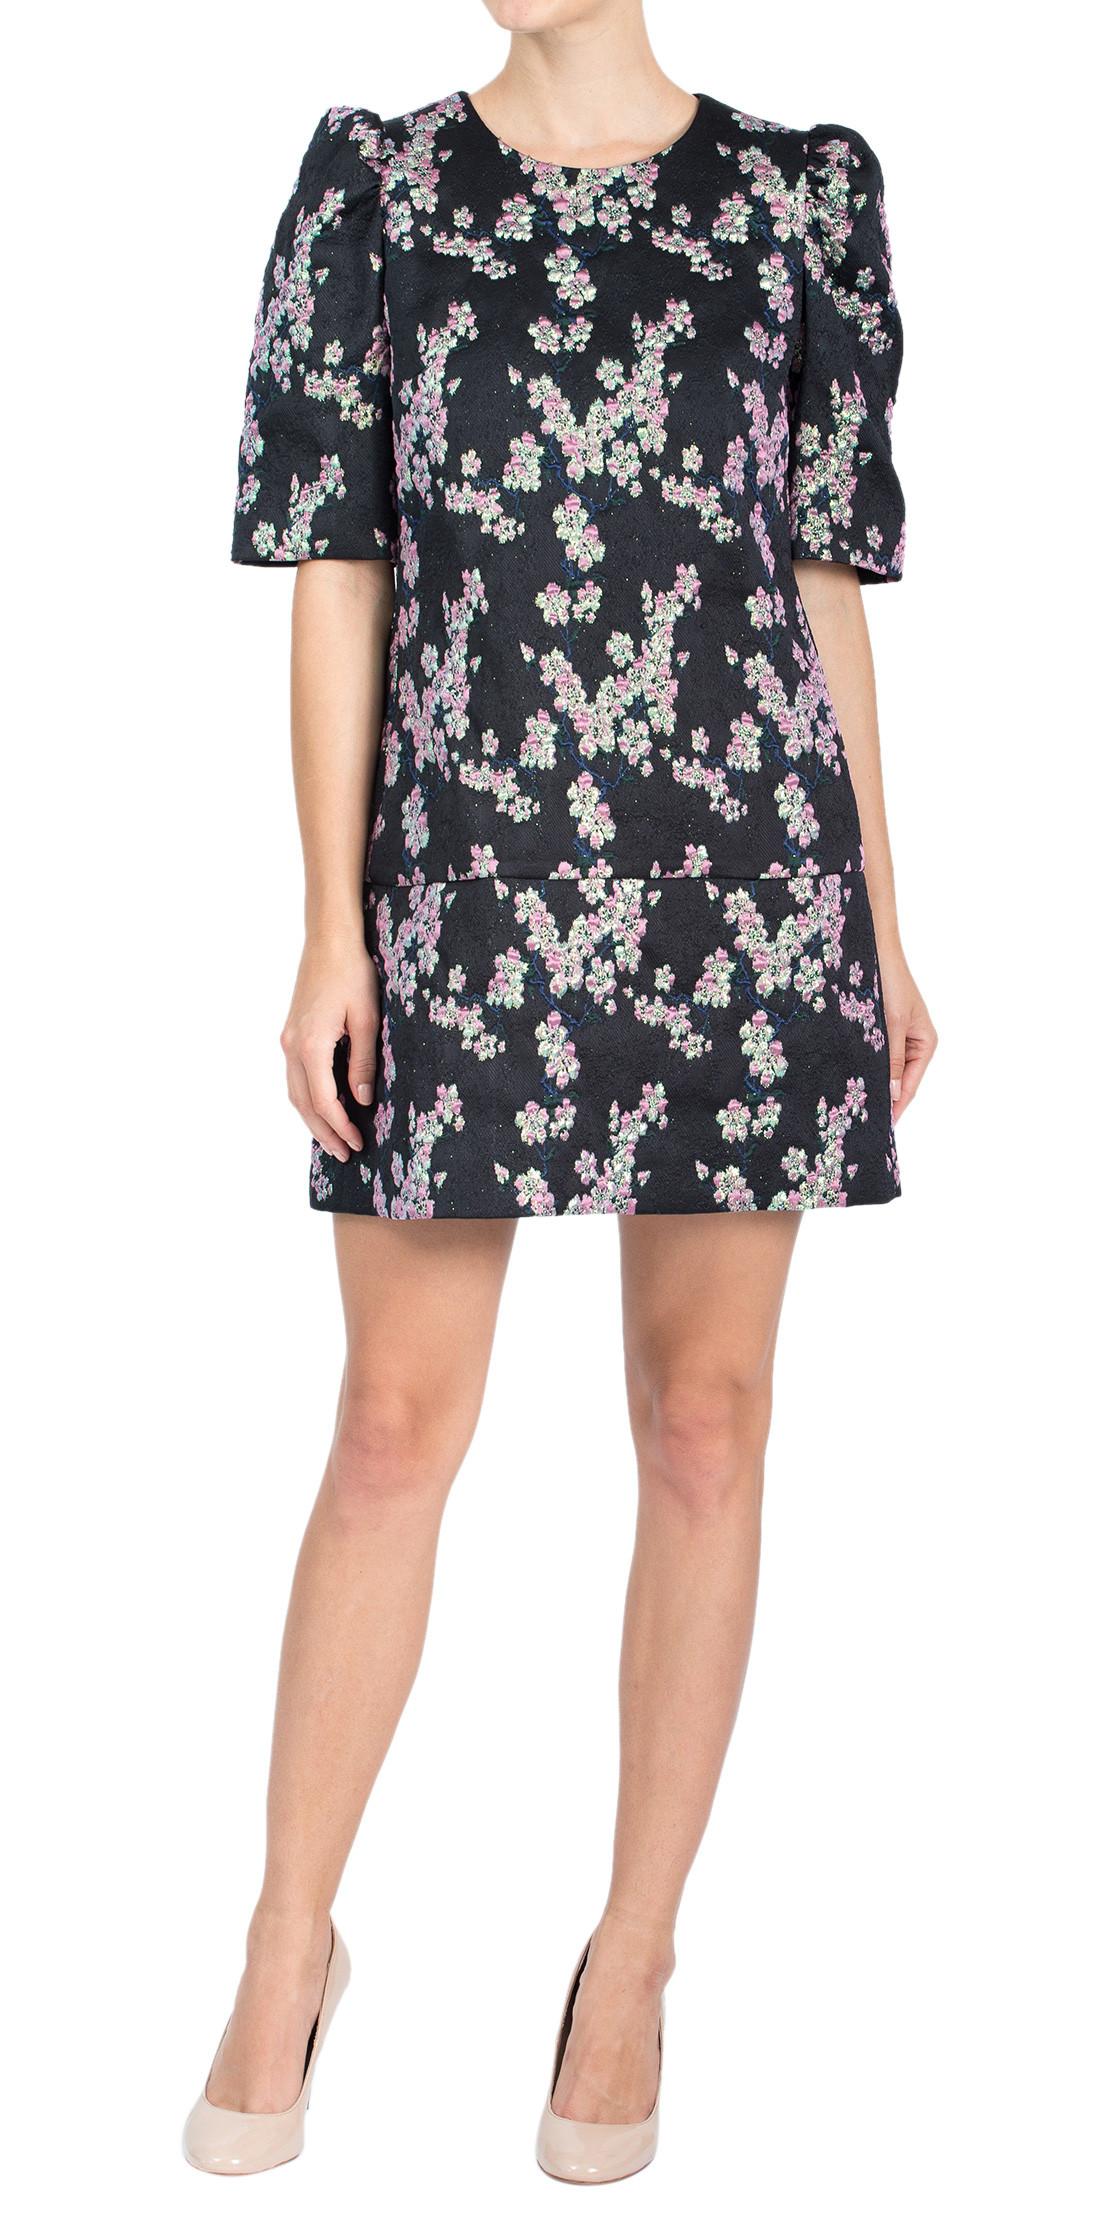 Dries Van Noten Printed Wool Dress